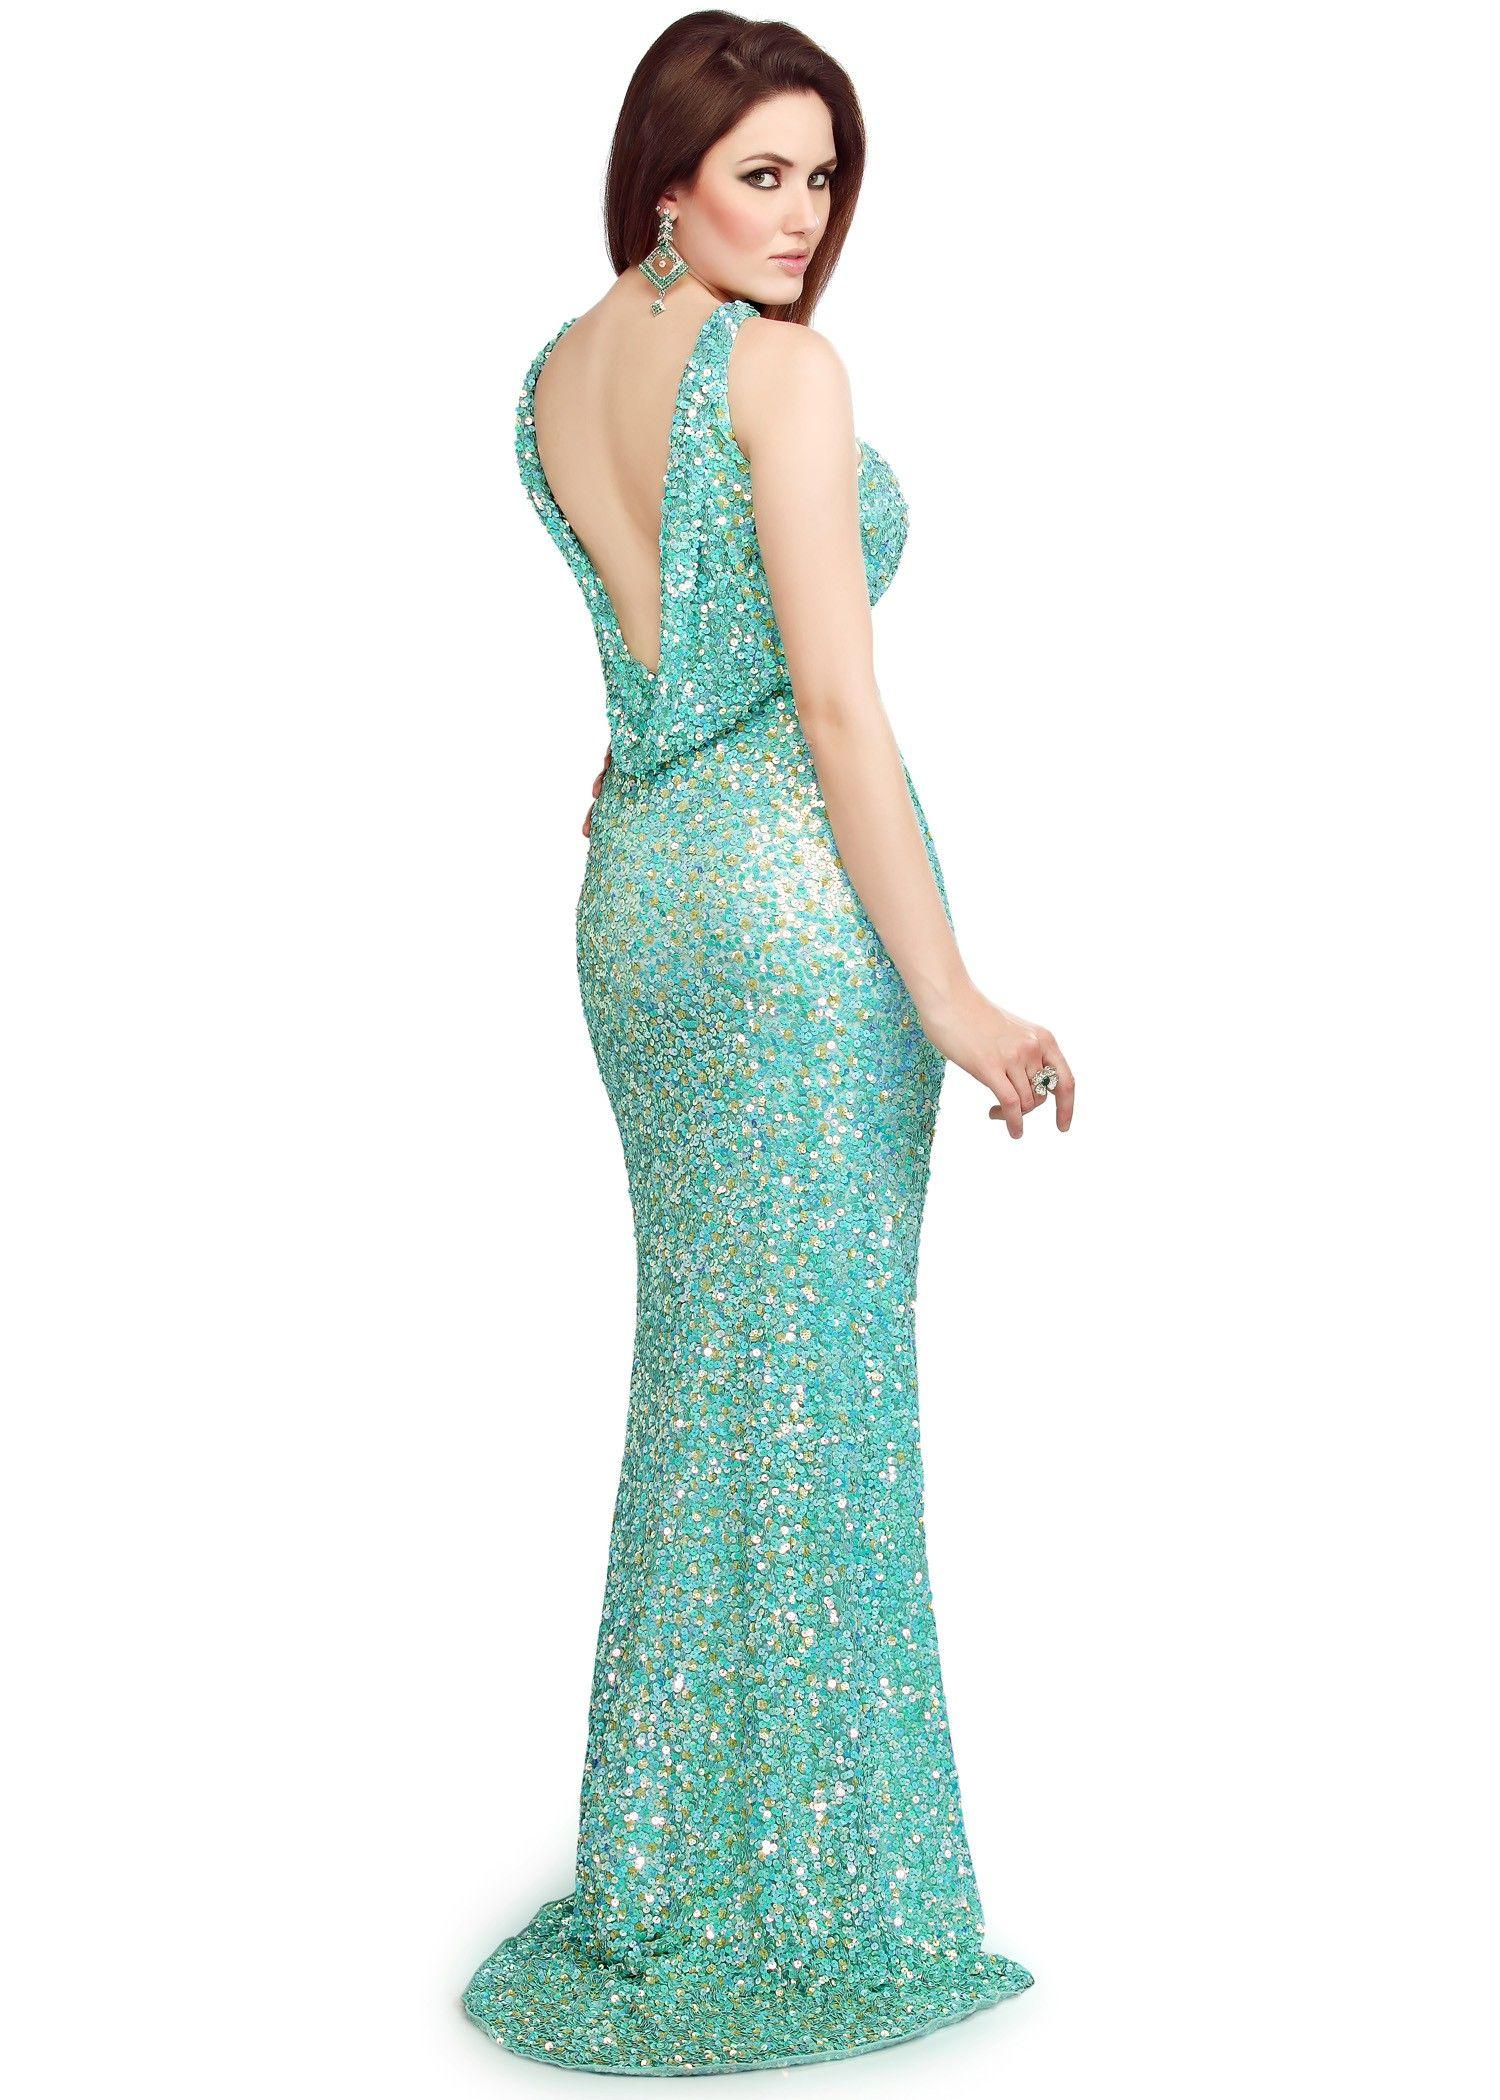 Awesome Full Sequin Prom Dress Photos - Wedding Ideas - memiocall.com